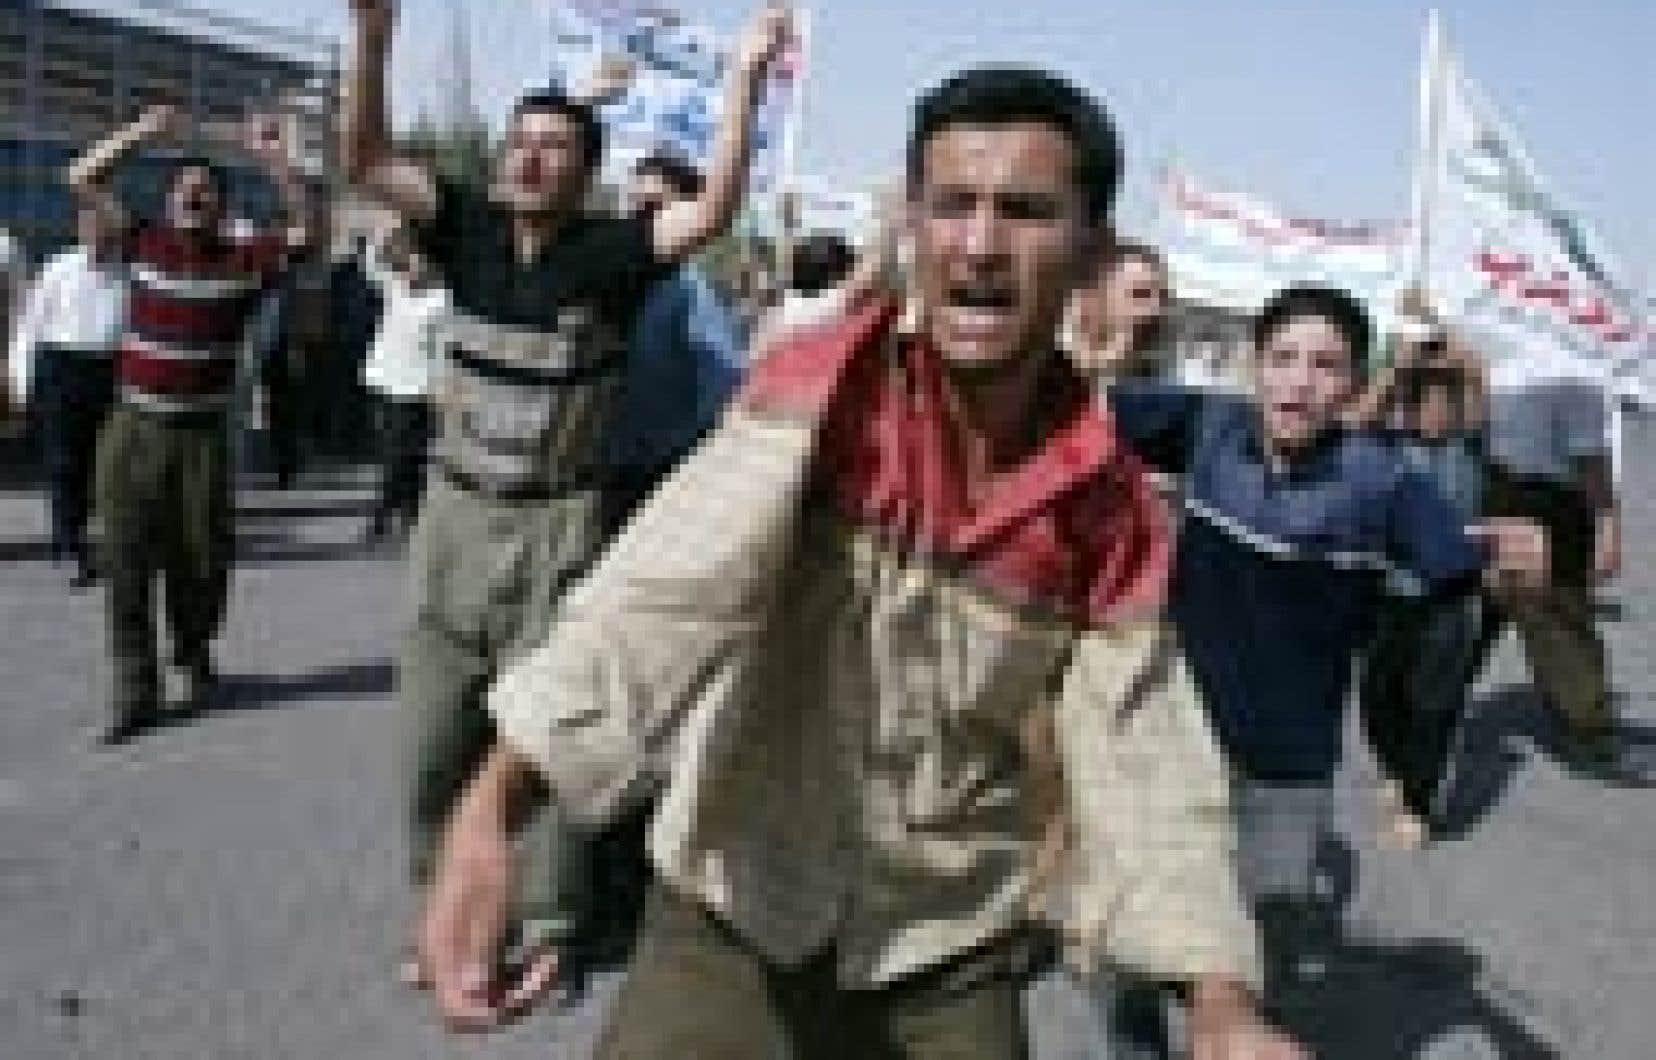 Des chiites manifestaient hier contre la proposition d'autonomie des Kurdes d'Irak.